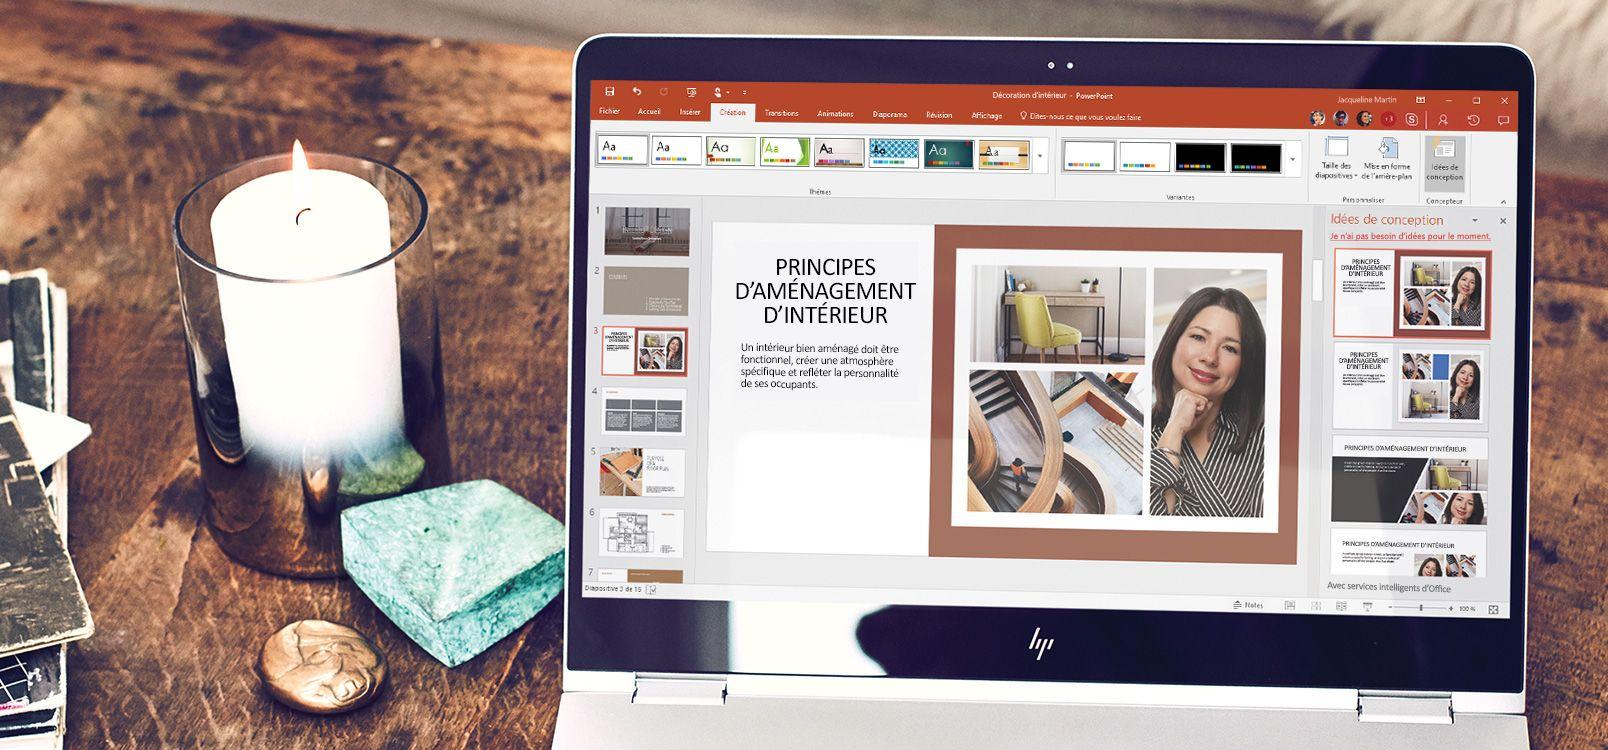 Écran d'ordinateur portable affichant une présentation PowerPoint utilisant la fonctionnalité Concepteur PowerPoint